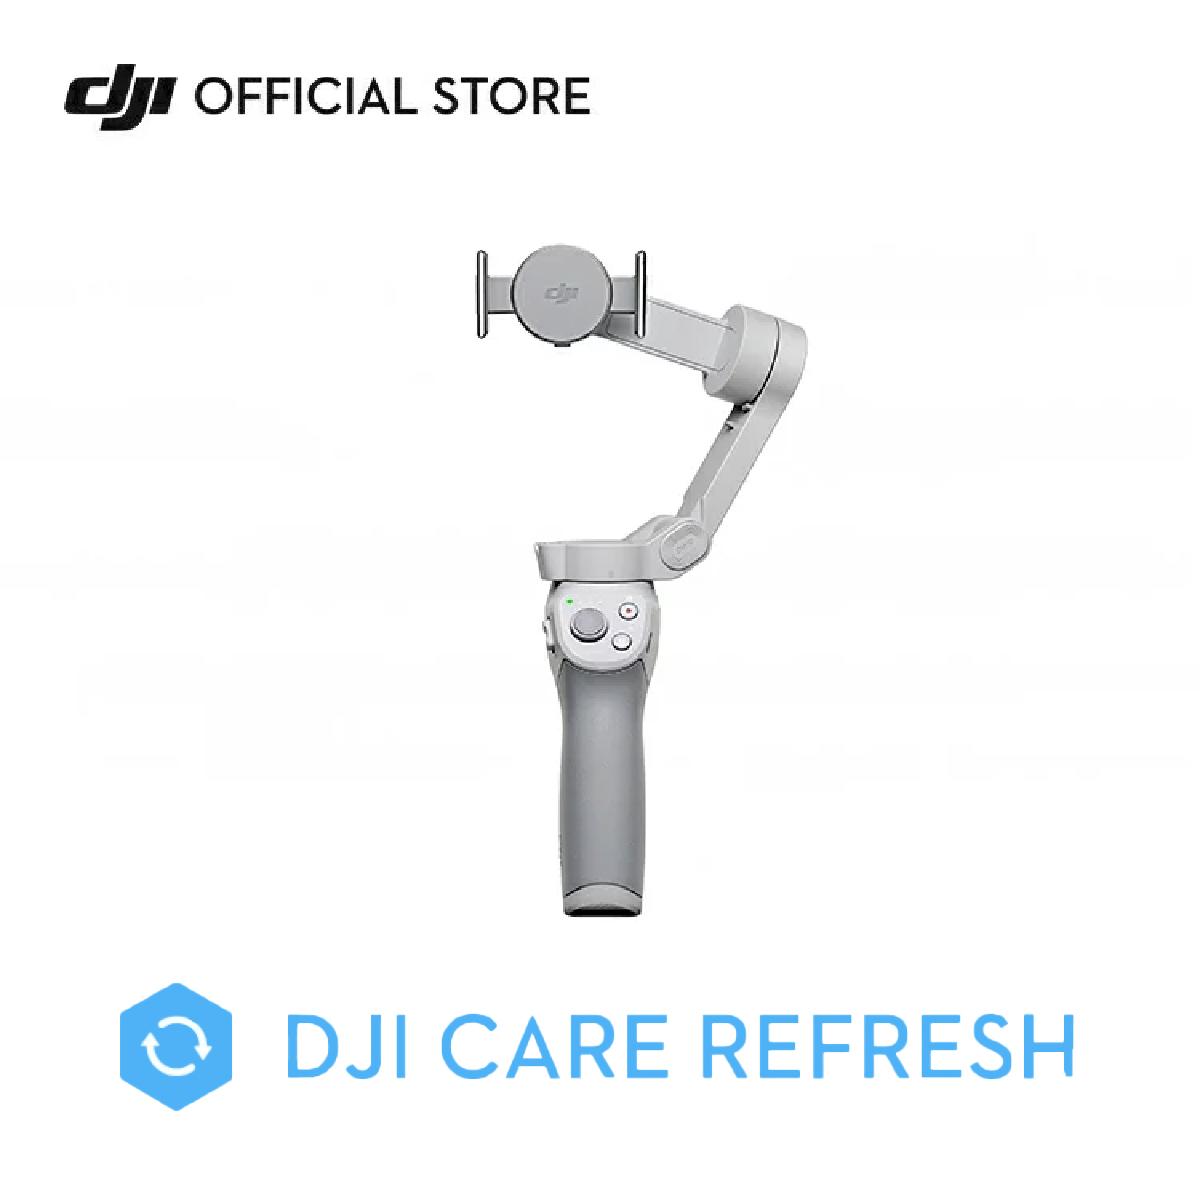 安心を胸に 冒険を撮影しよう 保守サービス Card DJI Care ついに入荷 Refresh OM JP 補償 交換 保証 4 安心 オズモモバイル WEB限定 保証プラン